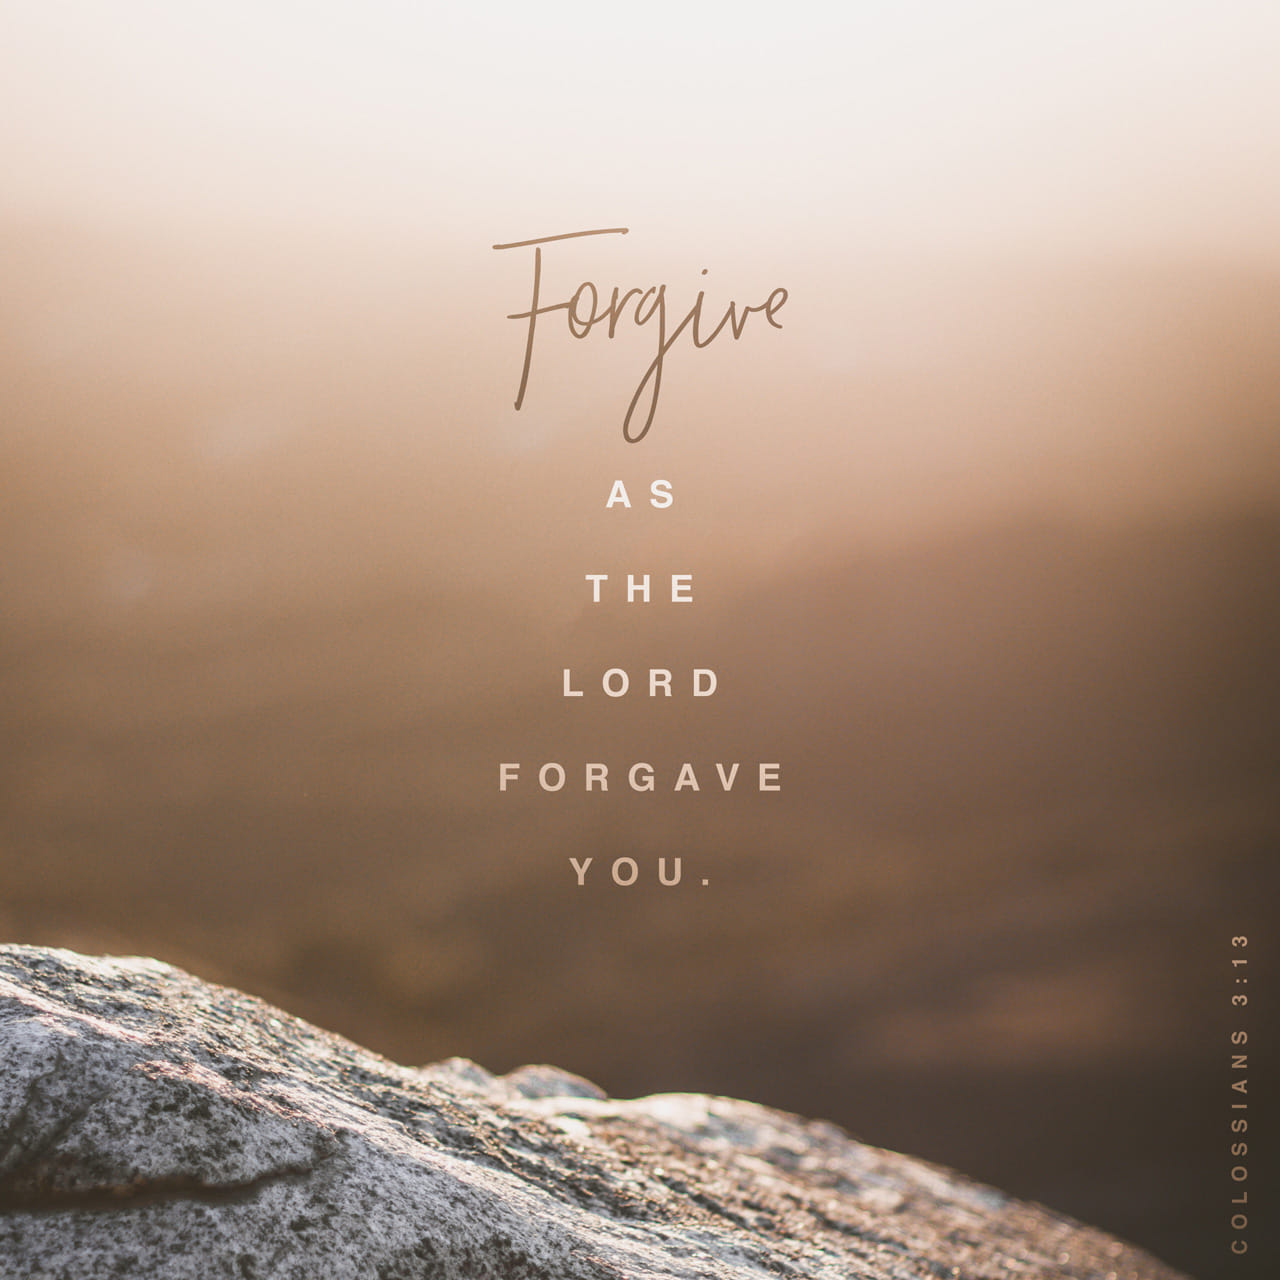 Colossenses 3:13 Não fiquem irritados uns com os outros e perdoem uns aos outros, caso alguém tenha alguma queixa contra outra pessoa. Assim como o Senhor perdoou vocês, perdoem uns aos outros. | Nova Tradução na Linguagem de Hoje (NTLH)